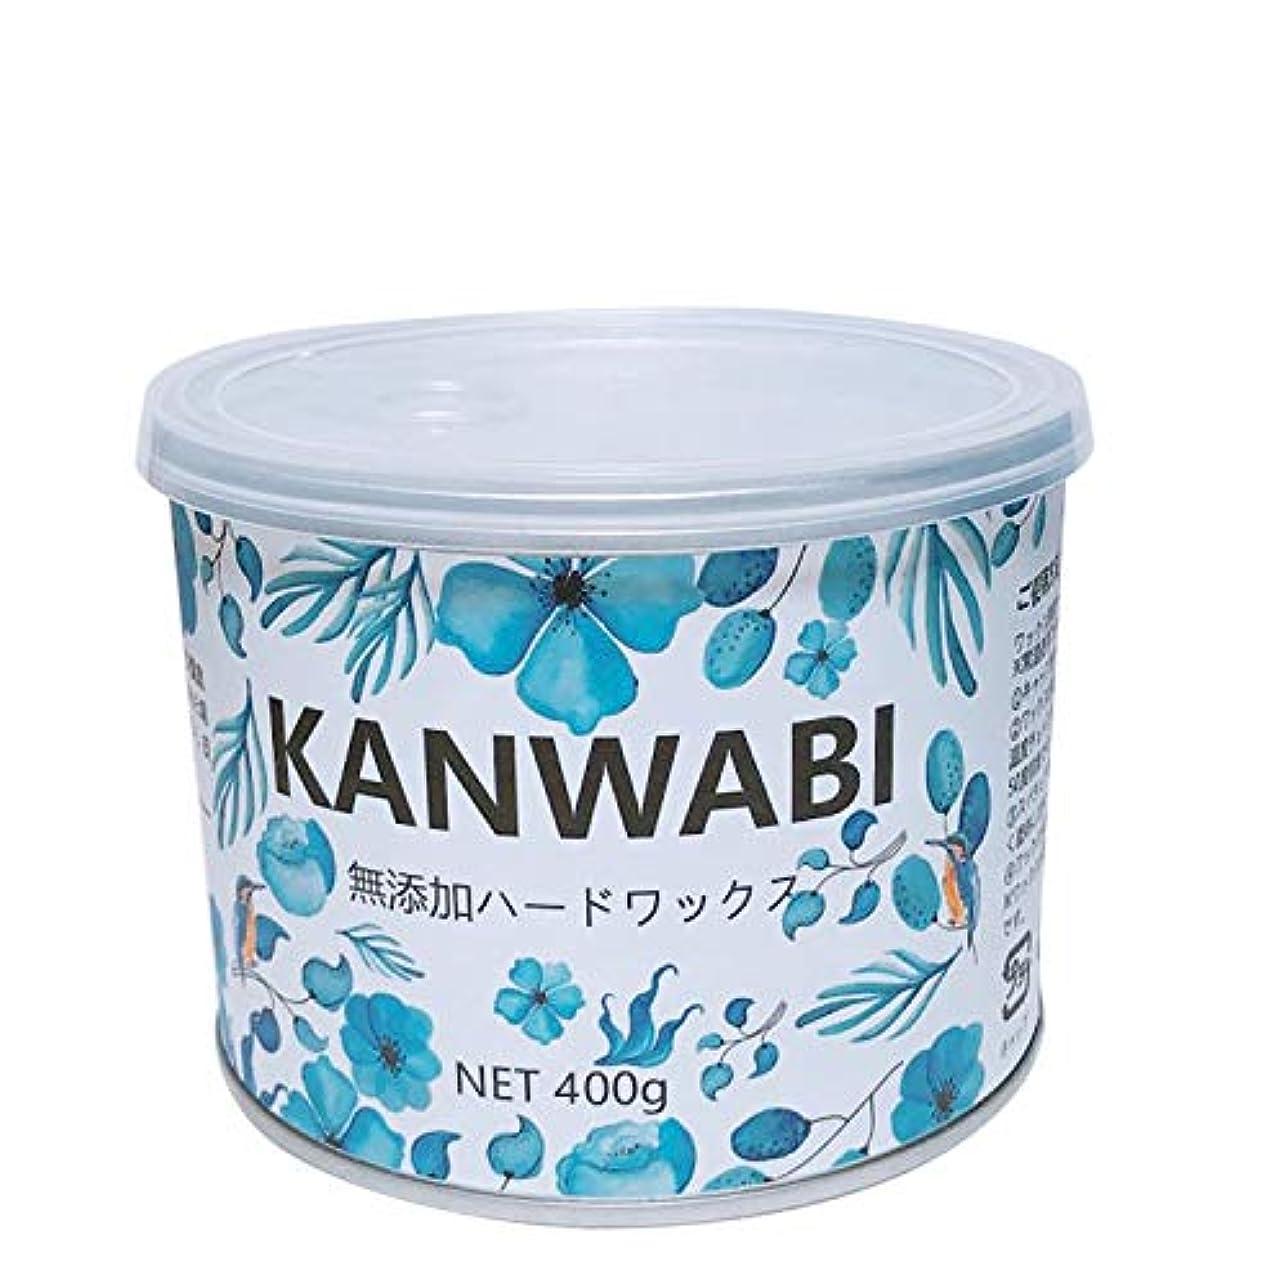 の間で巡礼者バージンKANWABI 日本製脱毛ワックス ハードワックス400g